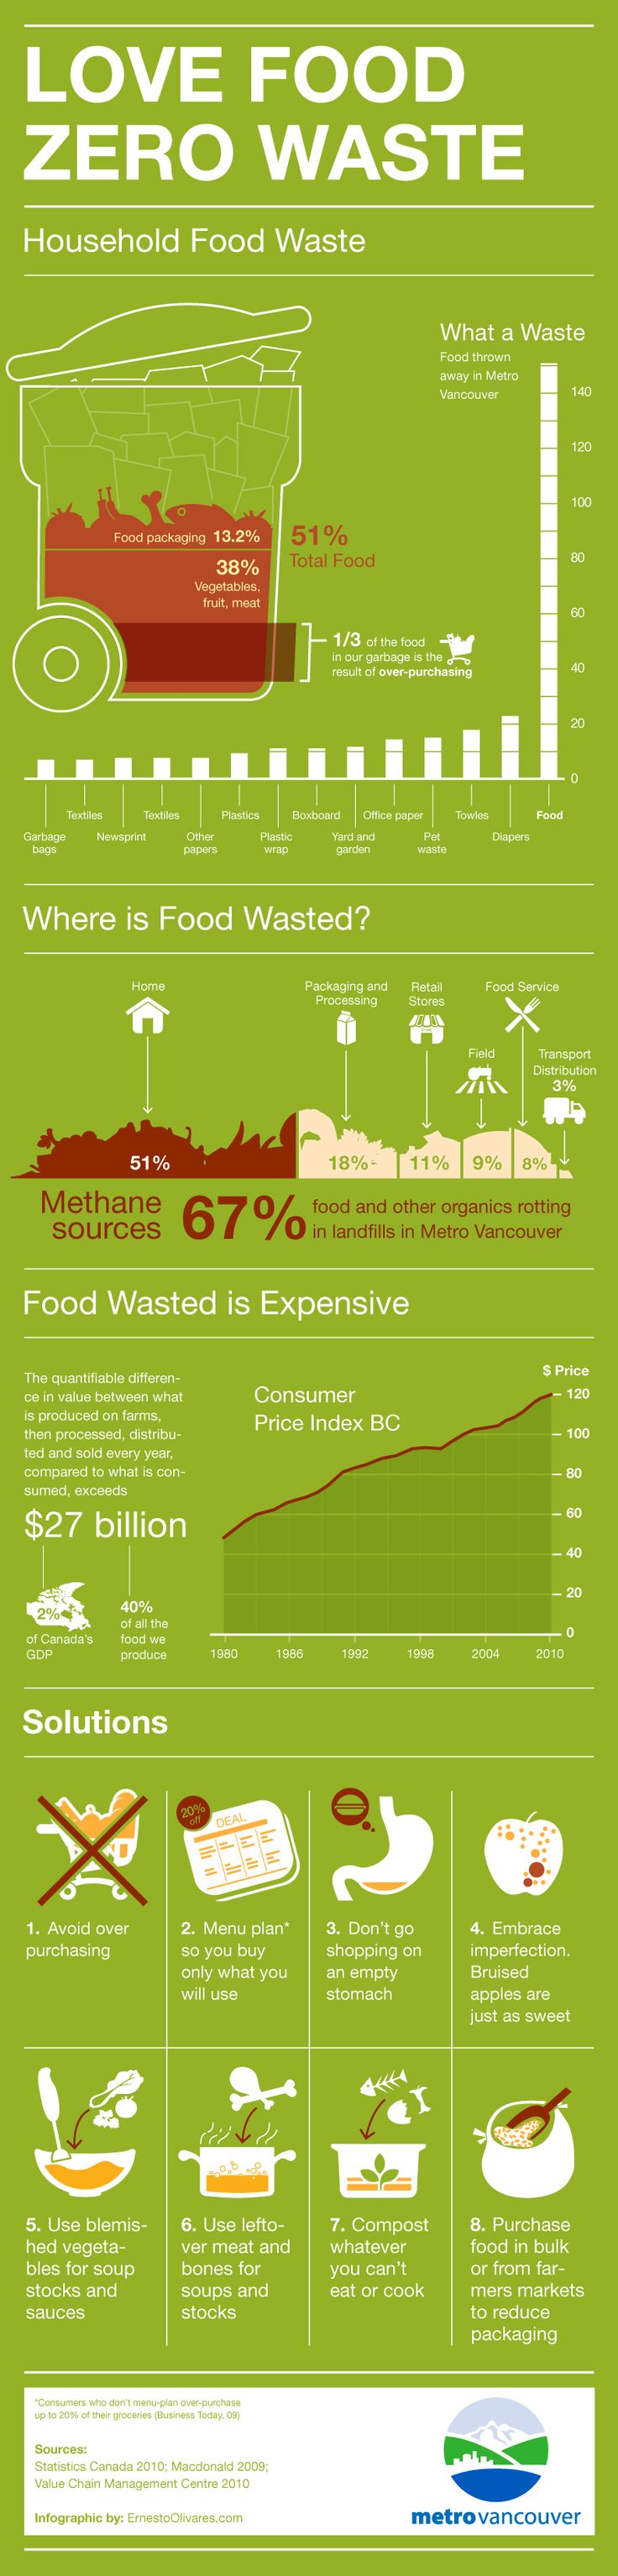 Love Food Zero Waste #infographic